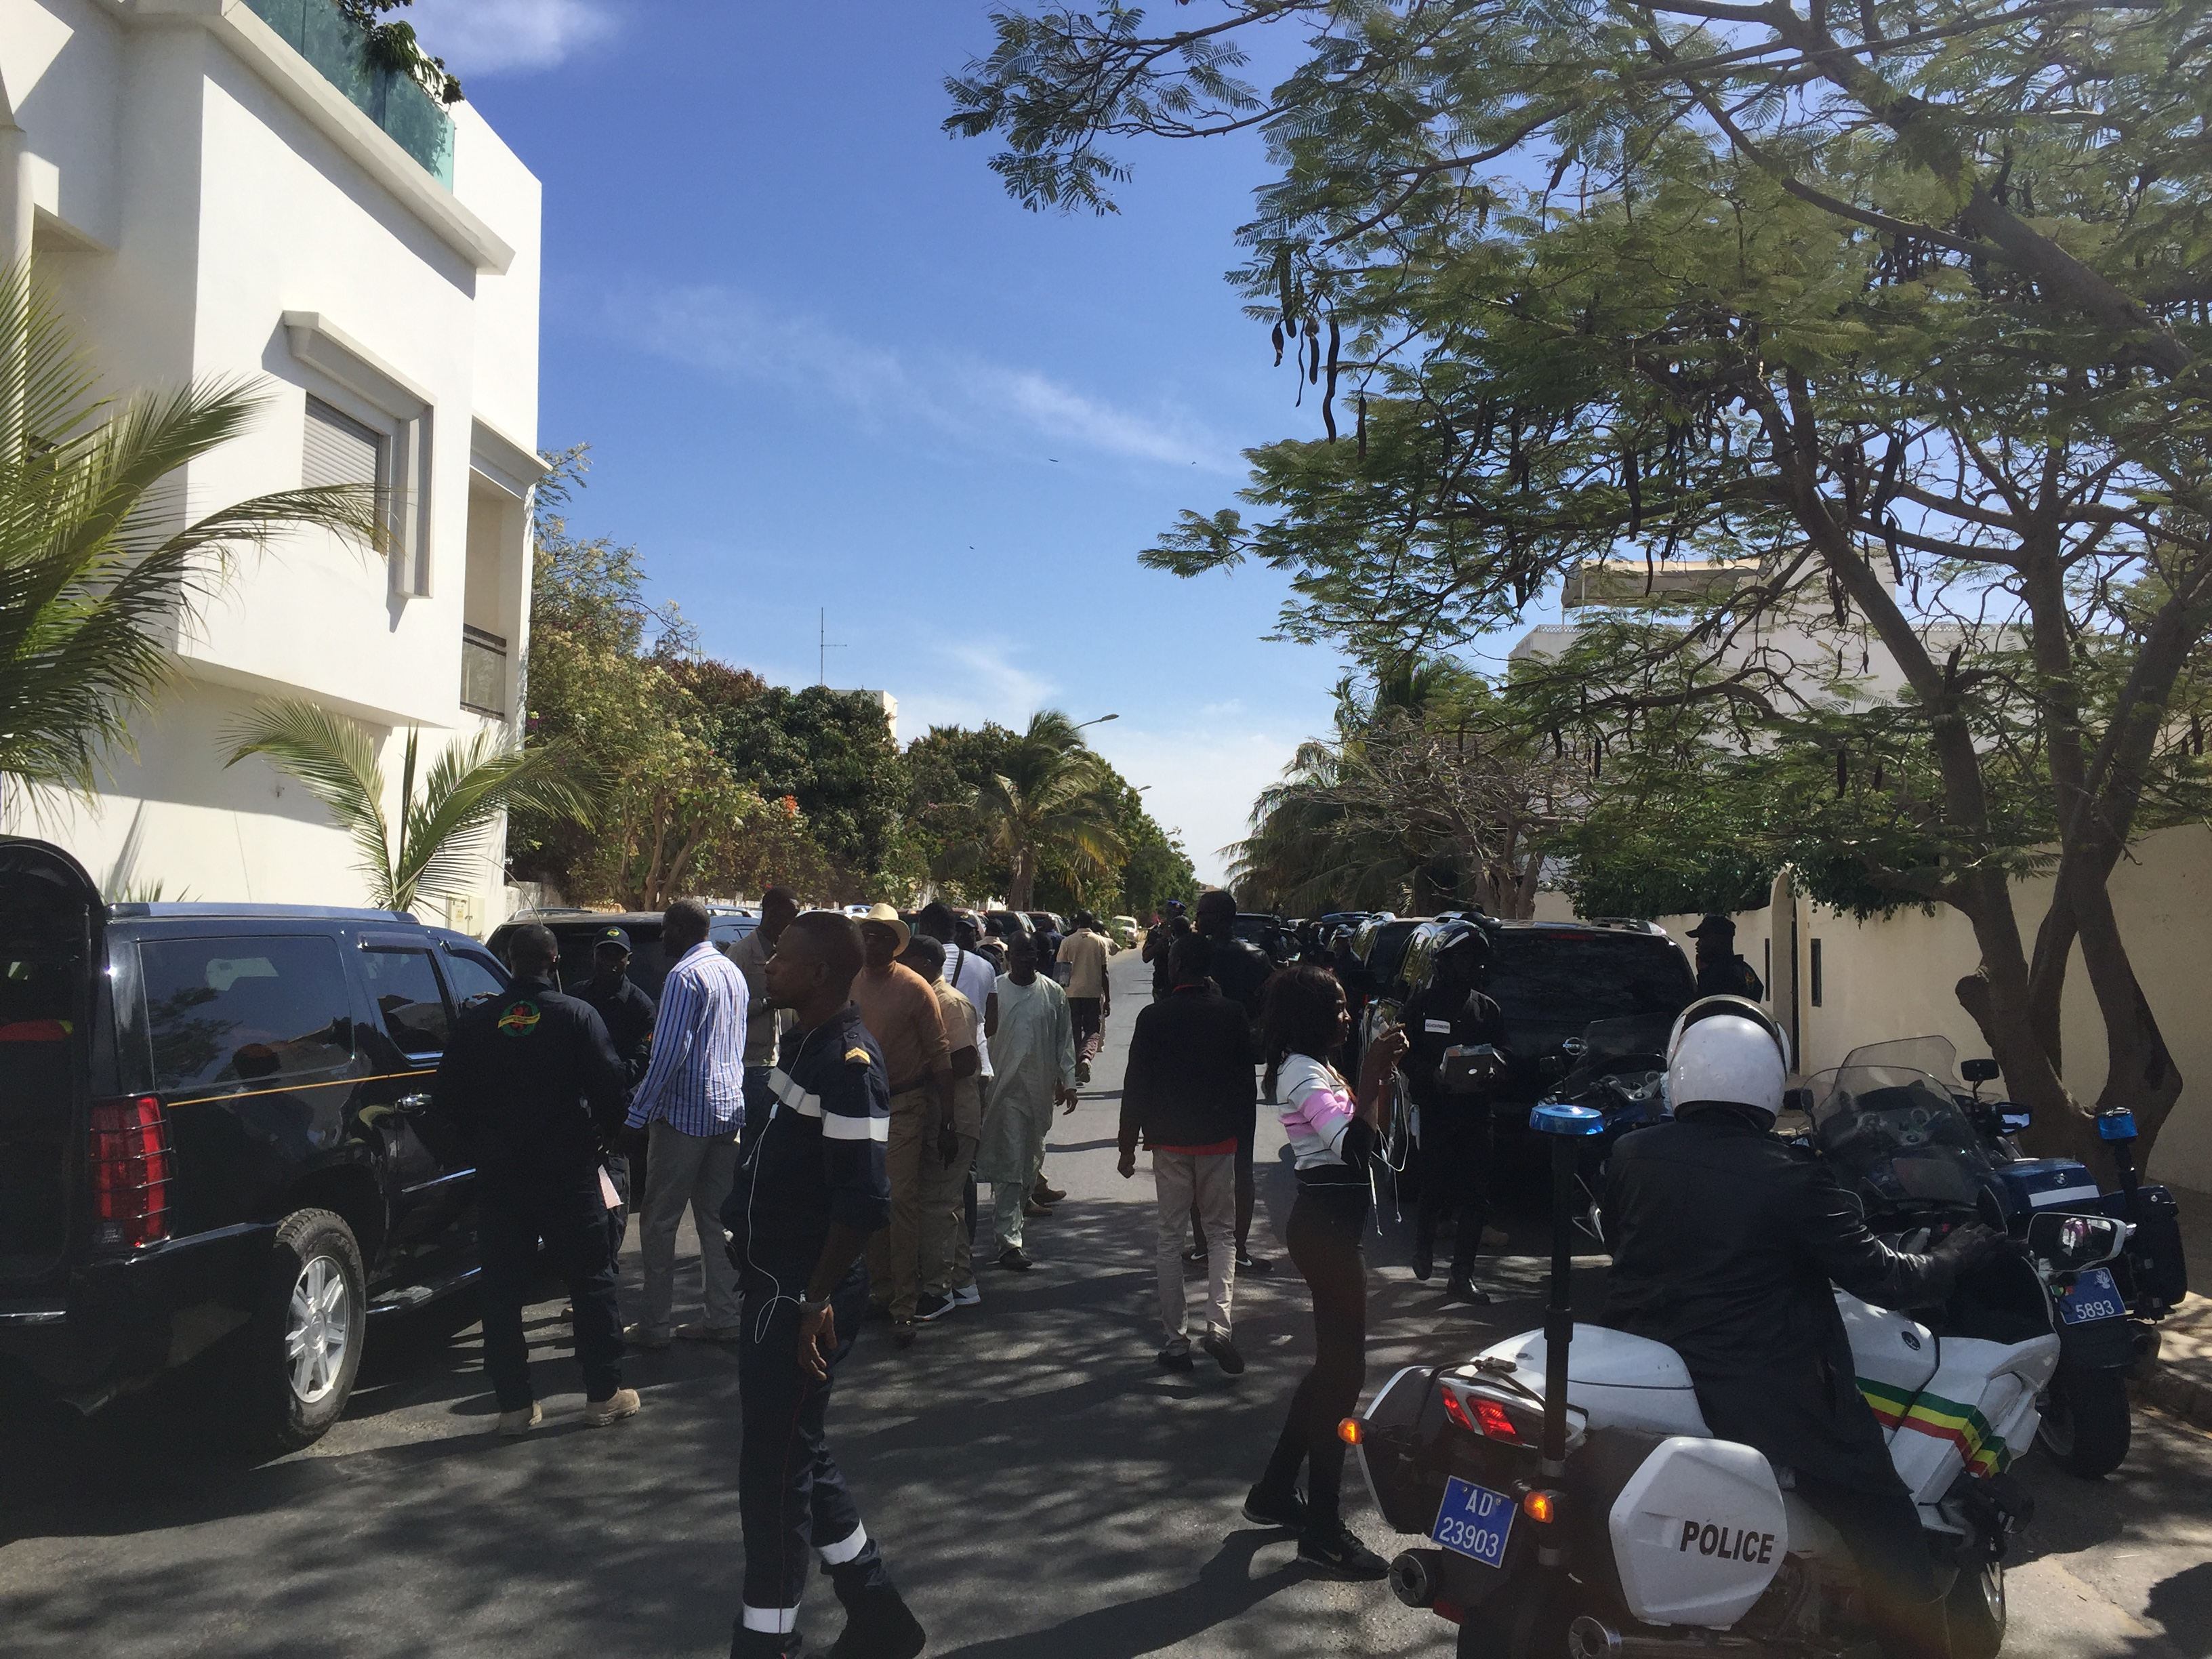 Une quantité importante de gas-oil déversée près du domicile de Macky Sall à Mermoz : Les populations s'interrogent sur les motivations des « auteurs »